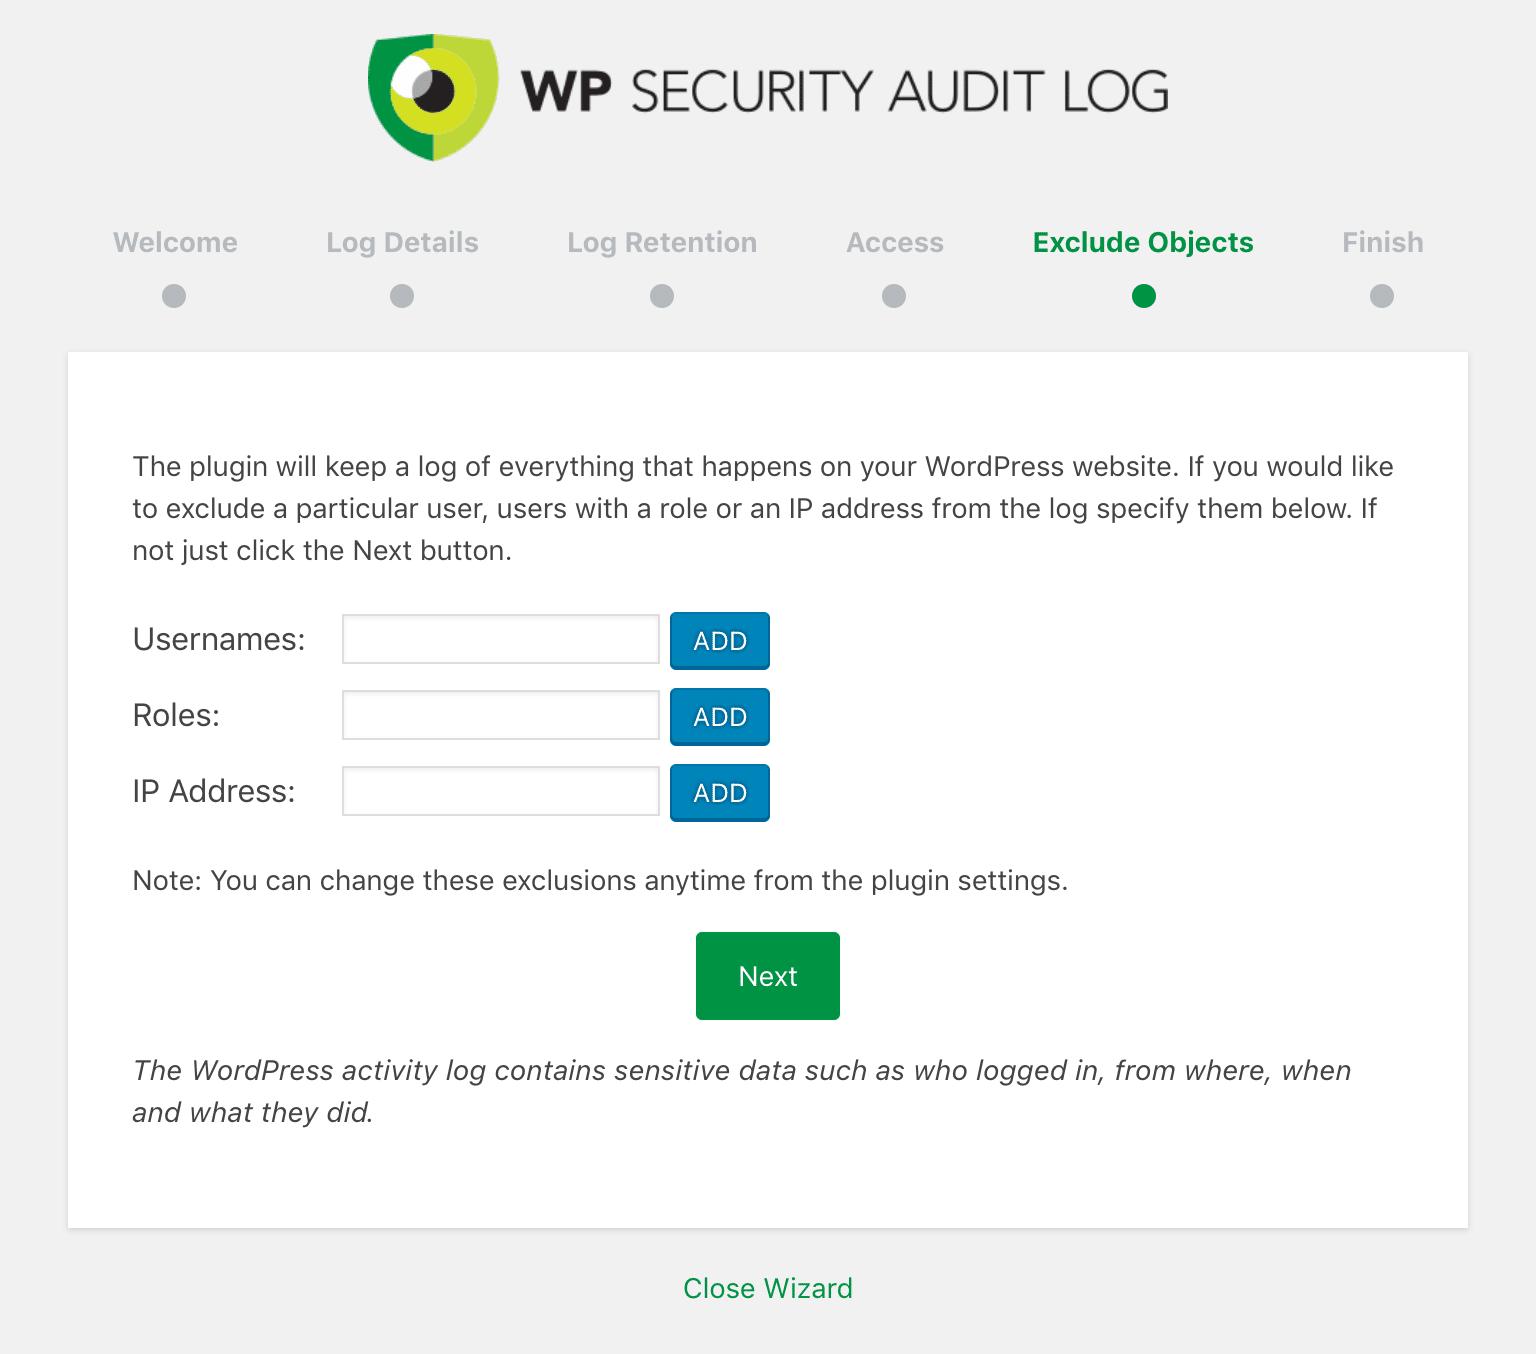 WP Security Audit Log udelukker objekter